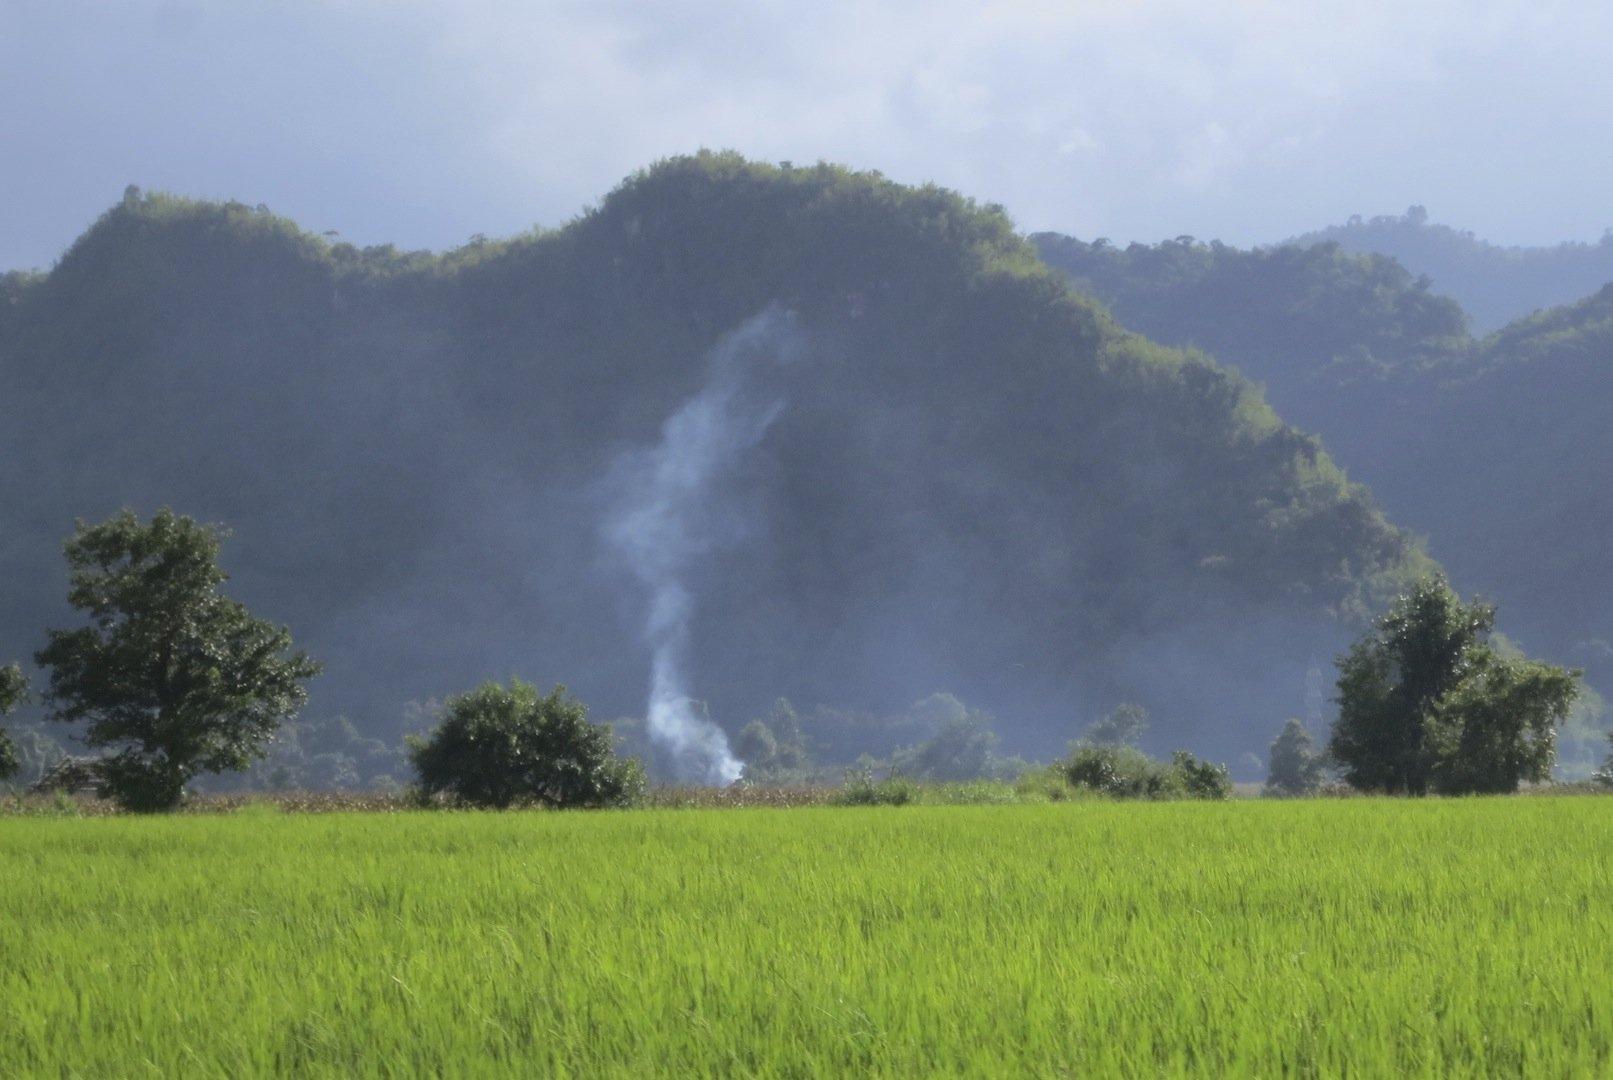 Recursos, conflictos, y desafíos en las comunidades étnicas de Myanmar